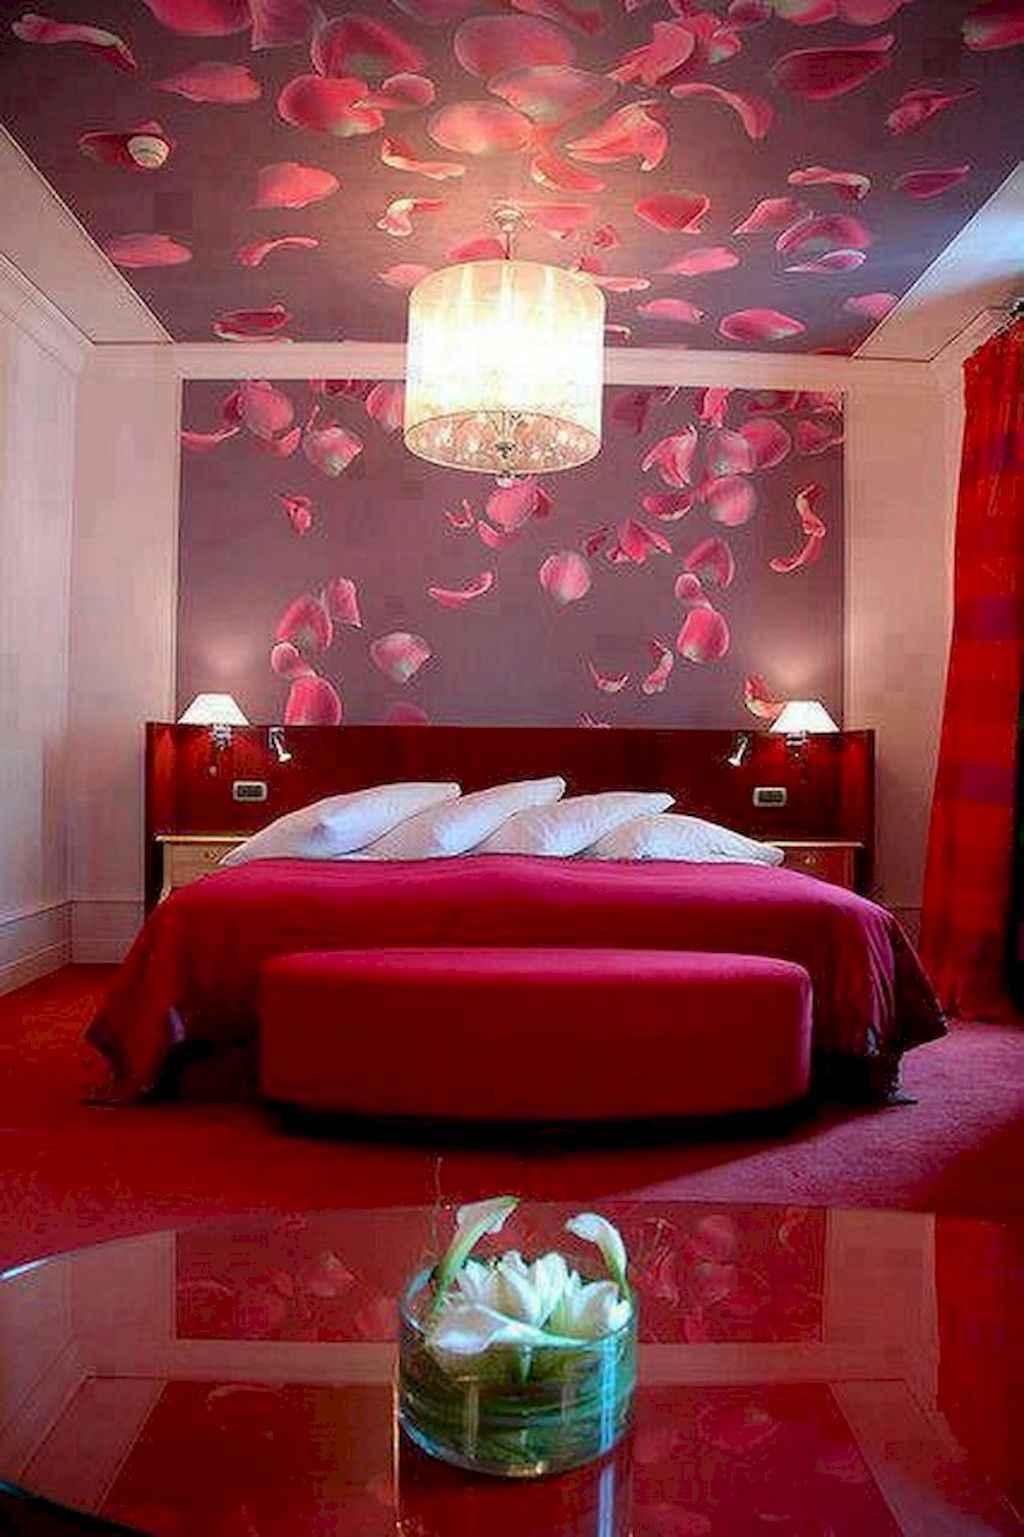 50 Romantic Valentine Bedroom Decor Ideas (32)